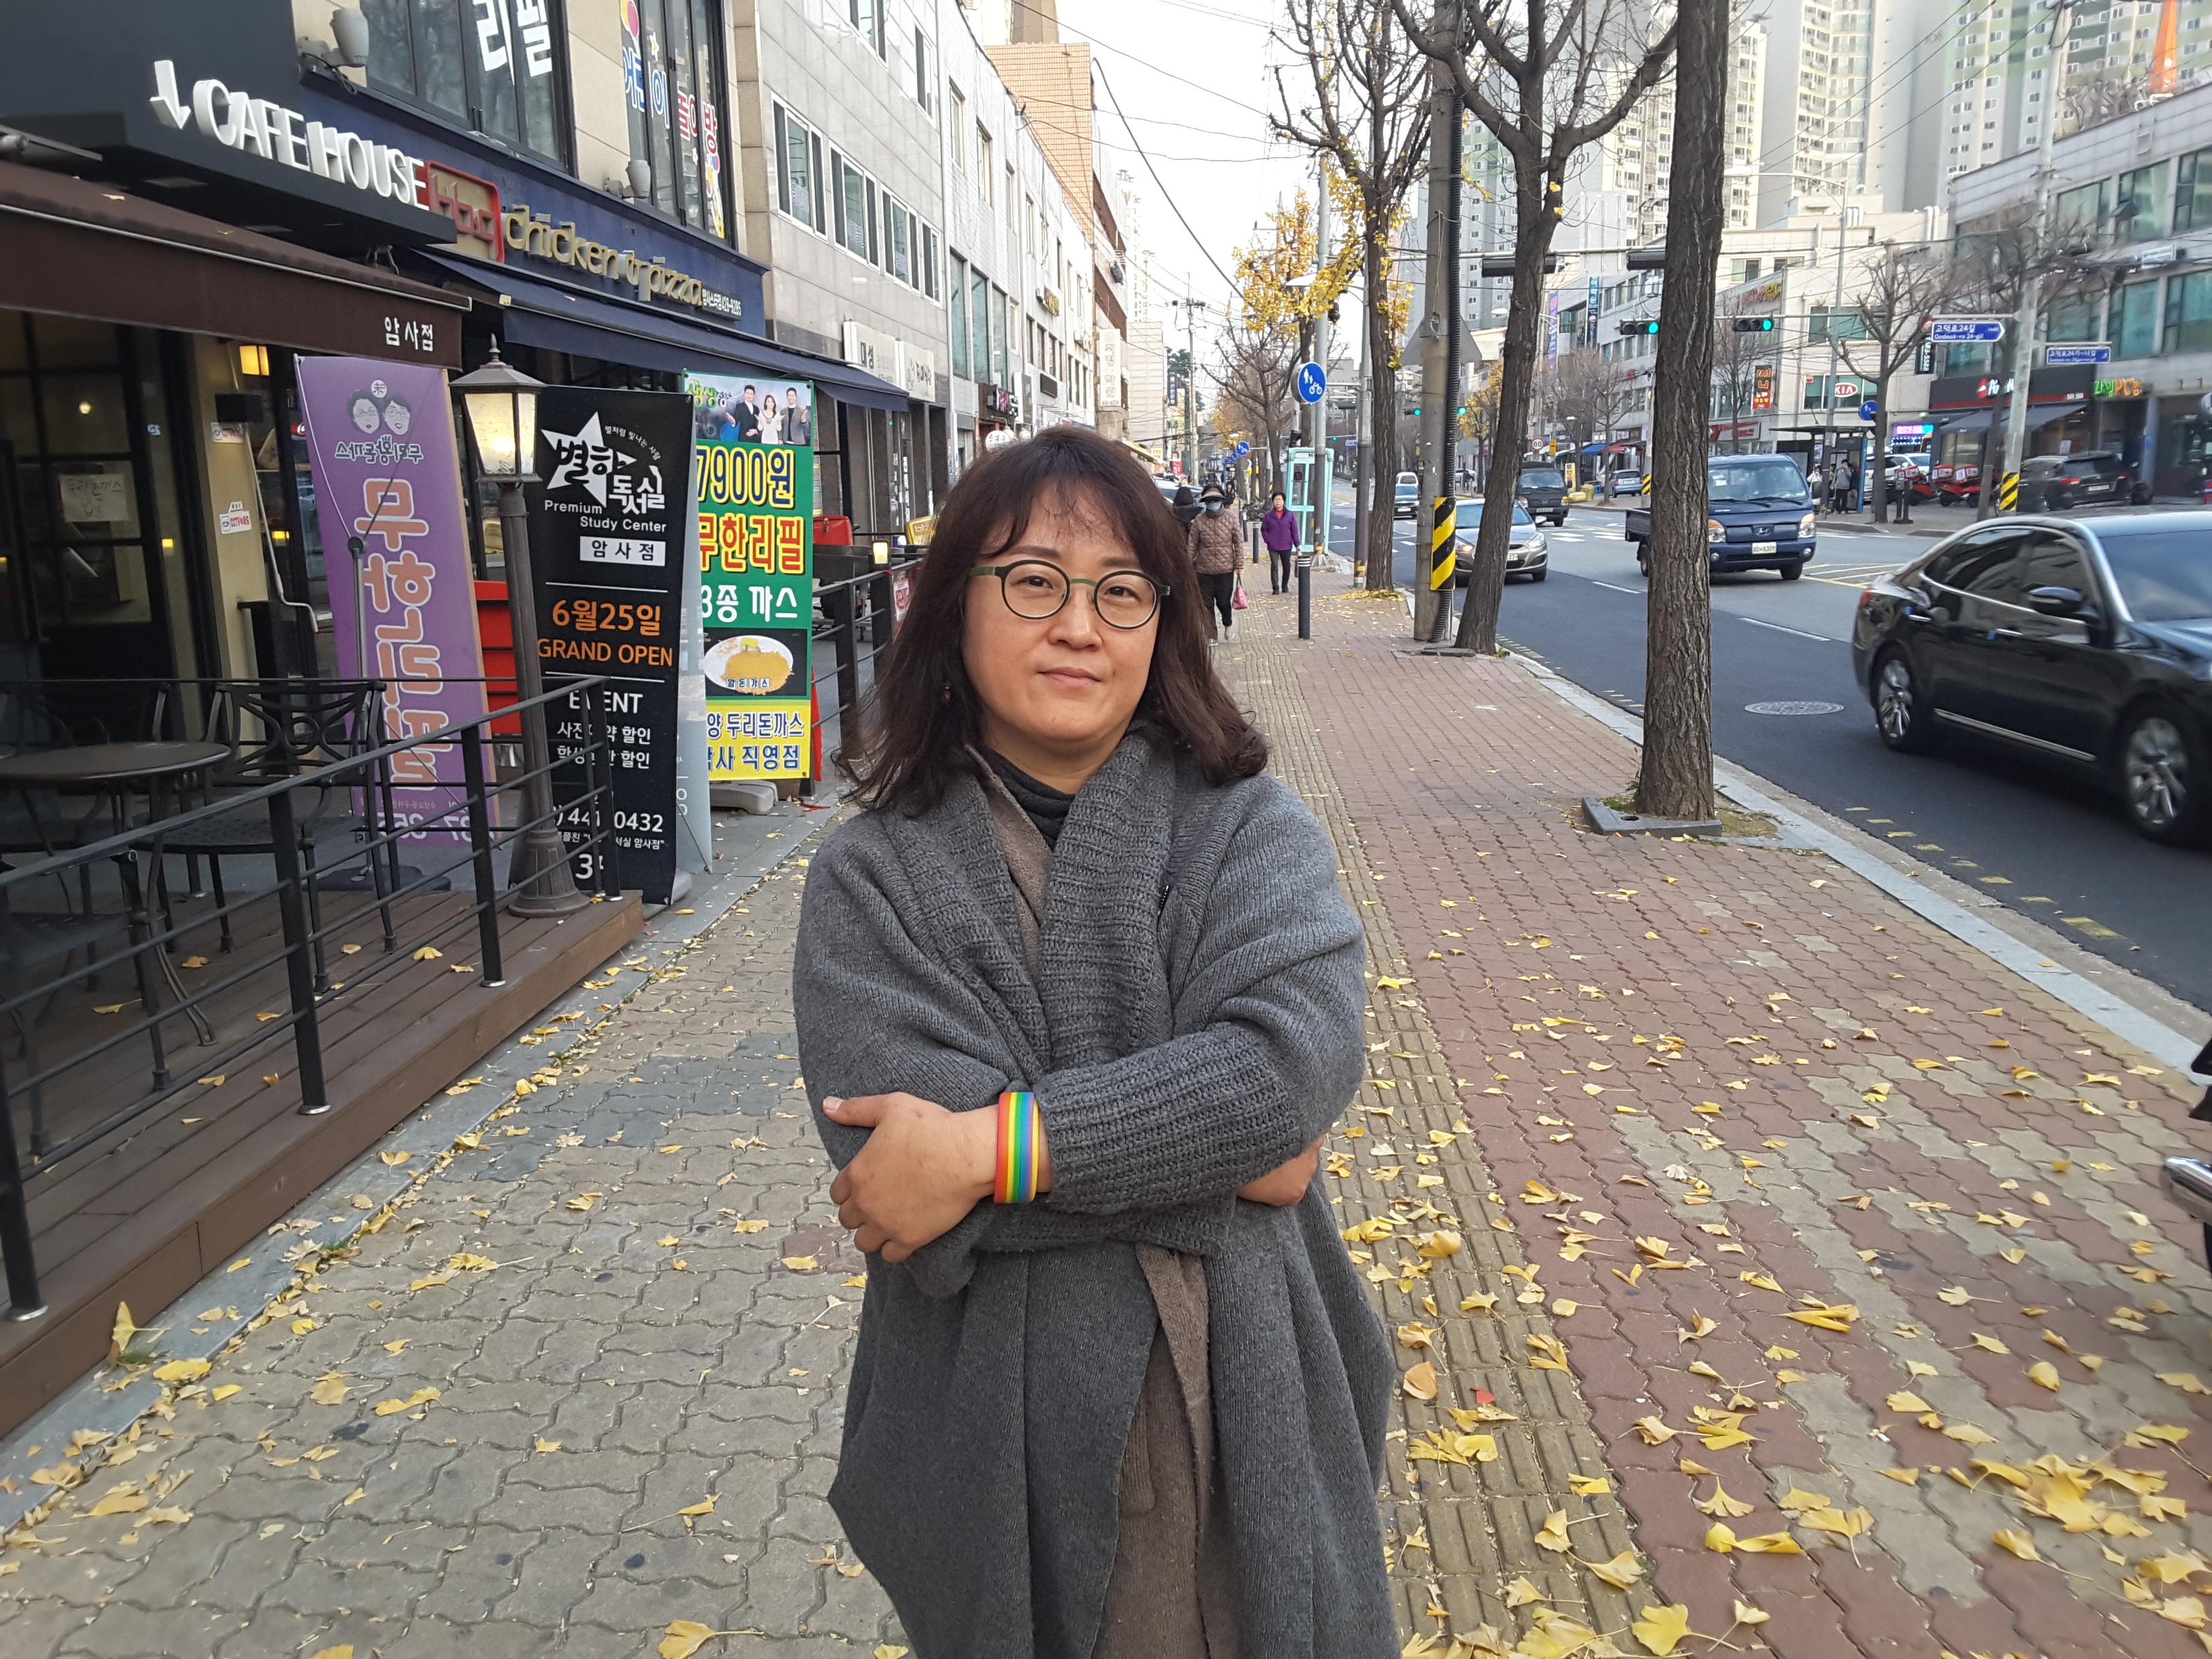 林寶拉是南韓最具代表性的挺同牧師。2007年起,在部分南韓公民運動團體邀請下,林寶拉投入要求國會制定《禁止歧視法》的運動行列,主張社會不應持任何條件或設定下,向特定人士施予不公平對待。